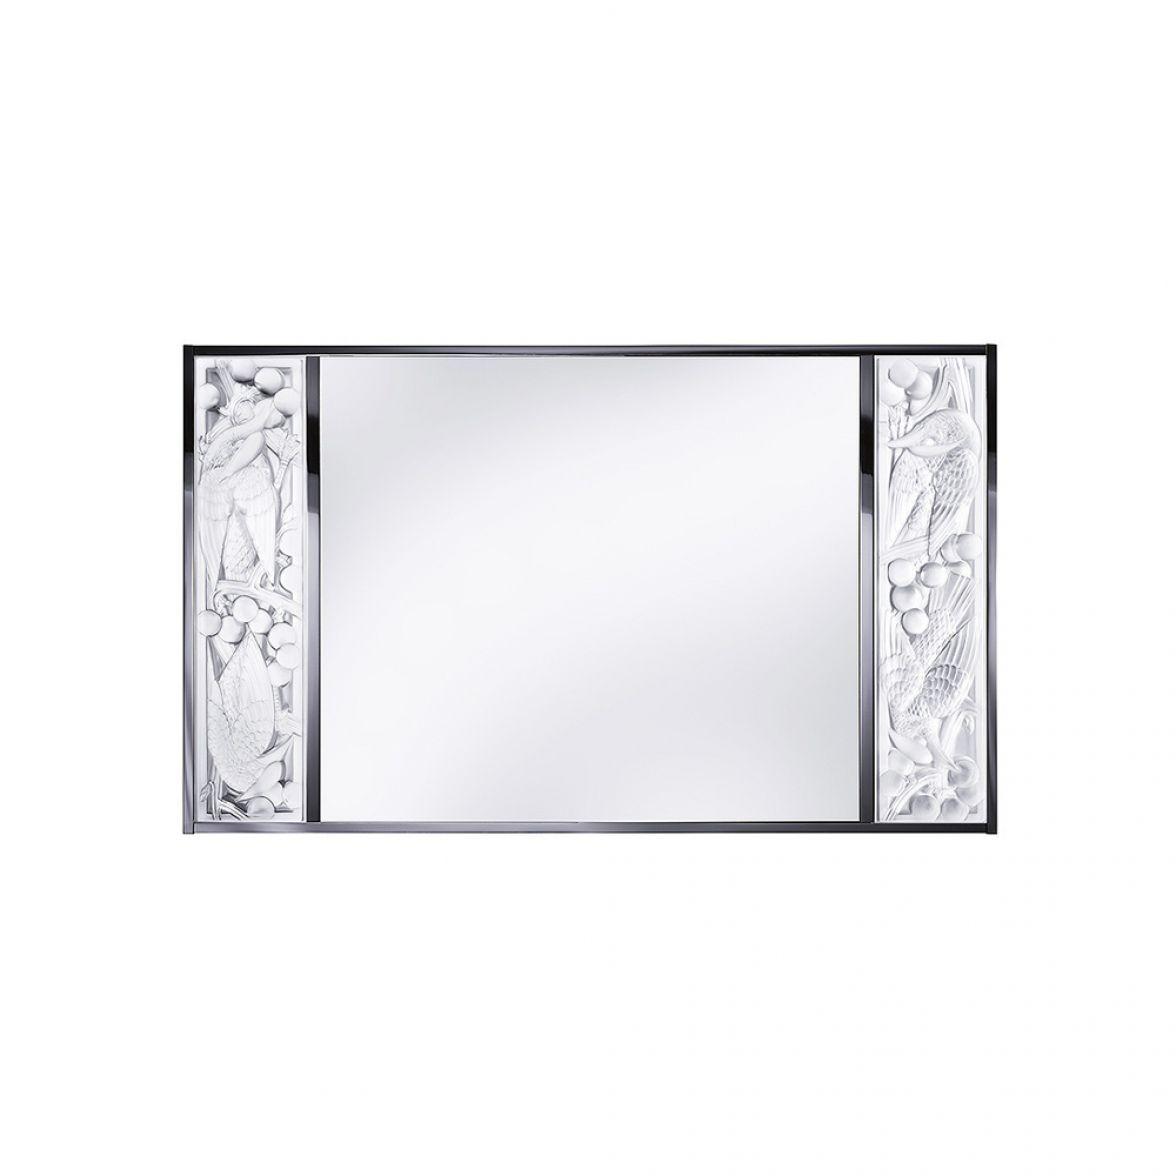 Merles et Raisins Mirror фото цена